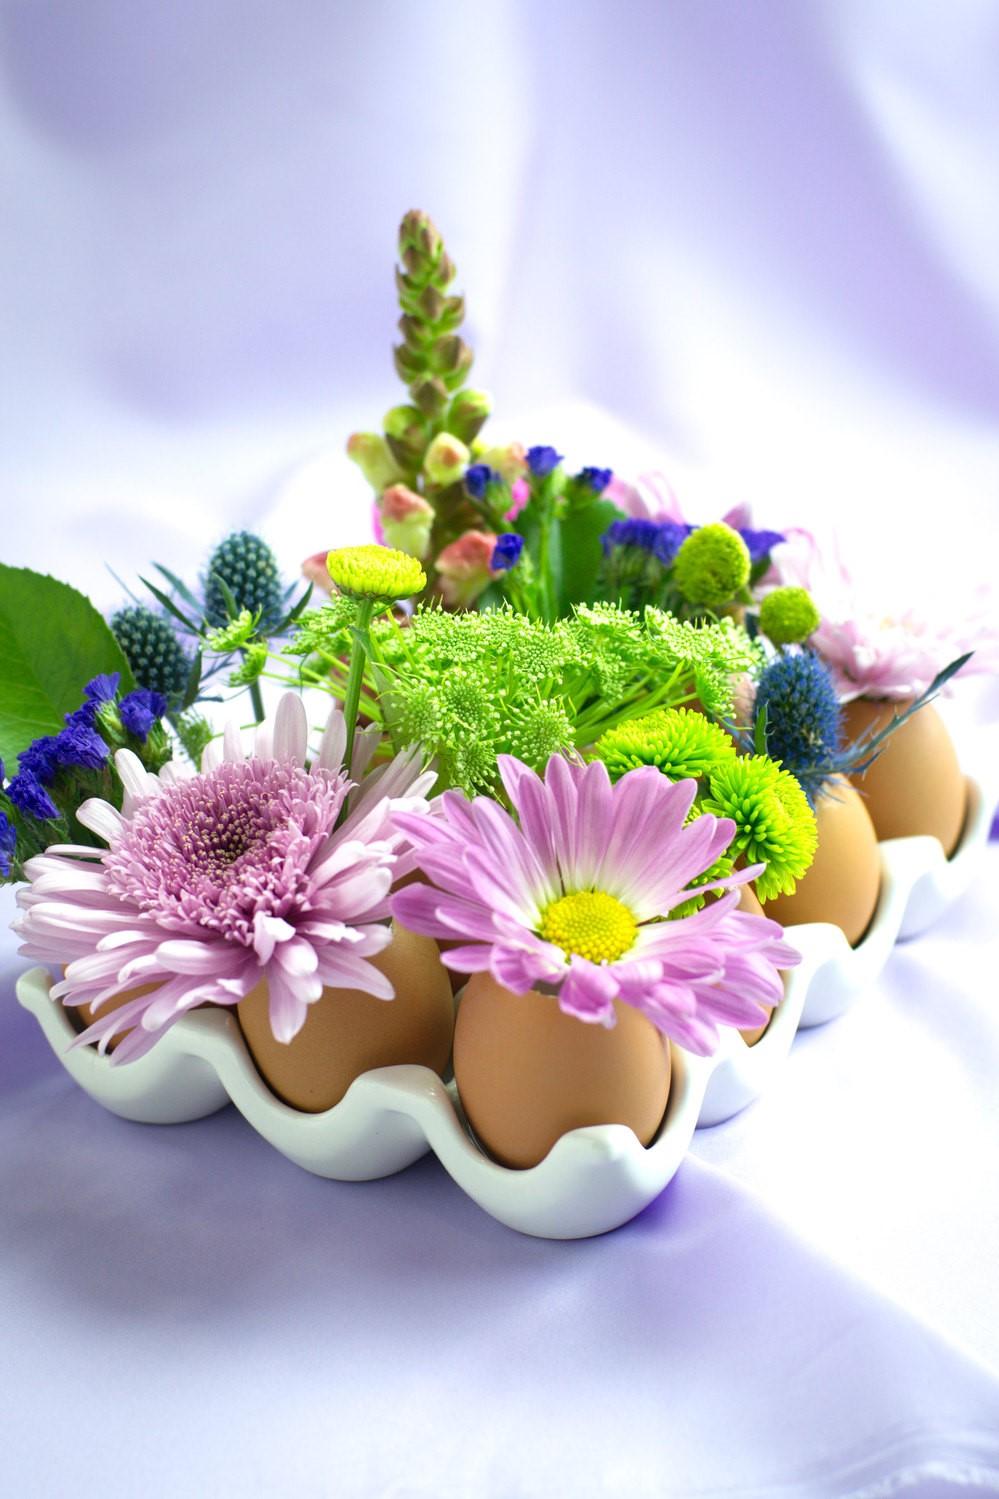 Composition florale pour votre maison.